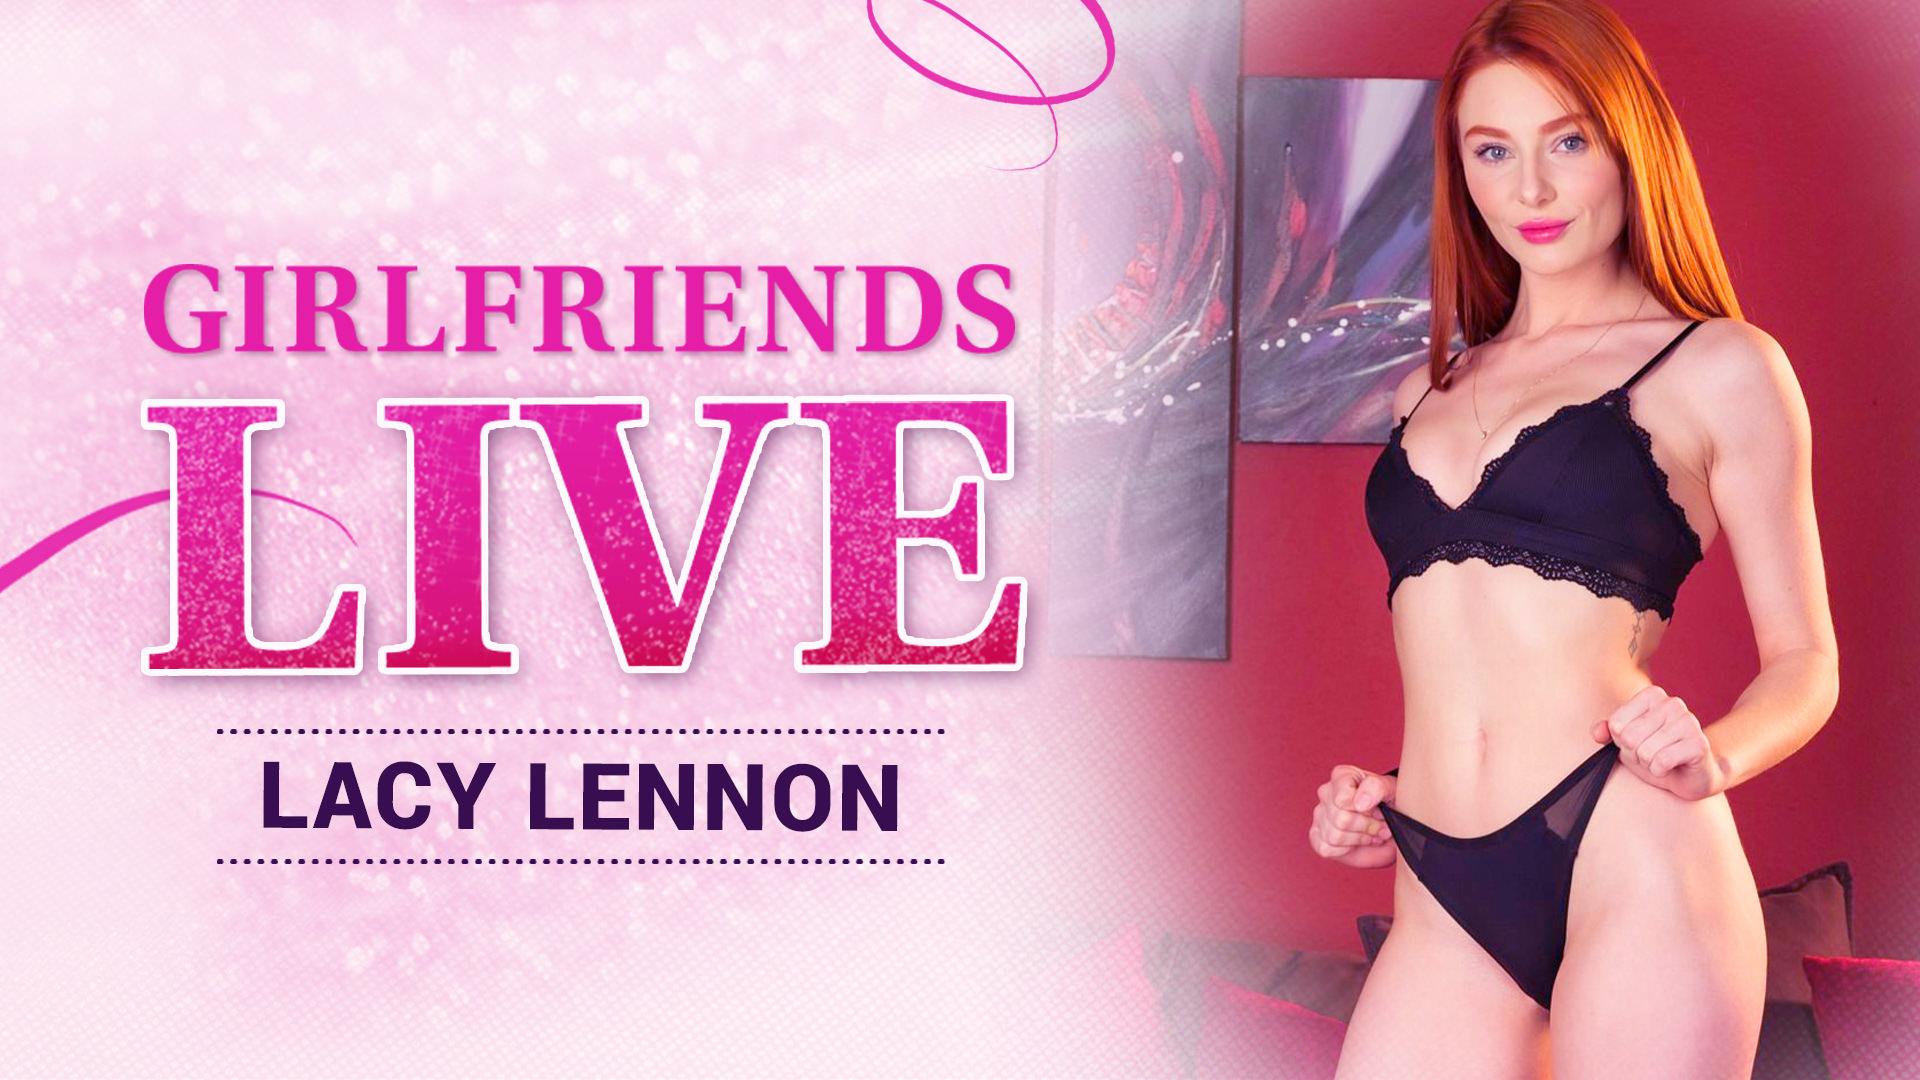 Girlfriends Live - Lacy Lennon, Scene #01 - Girlfriends Films